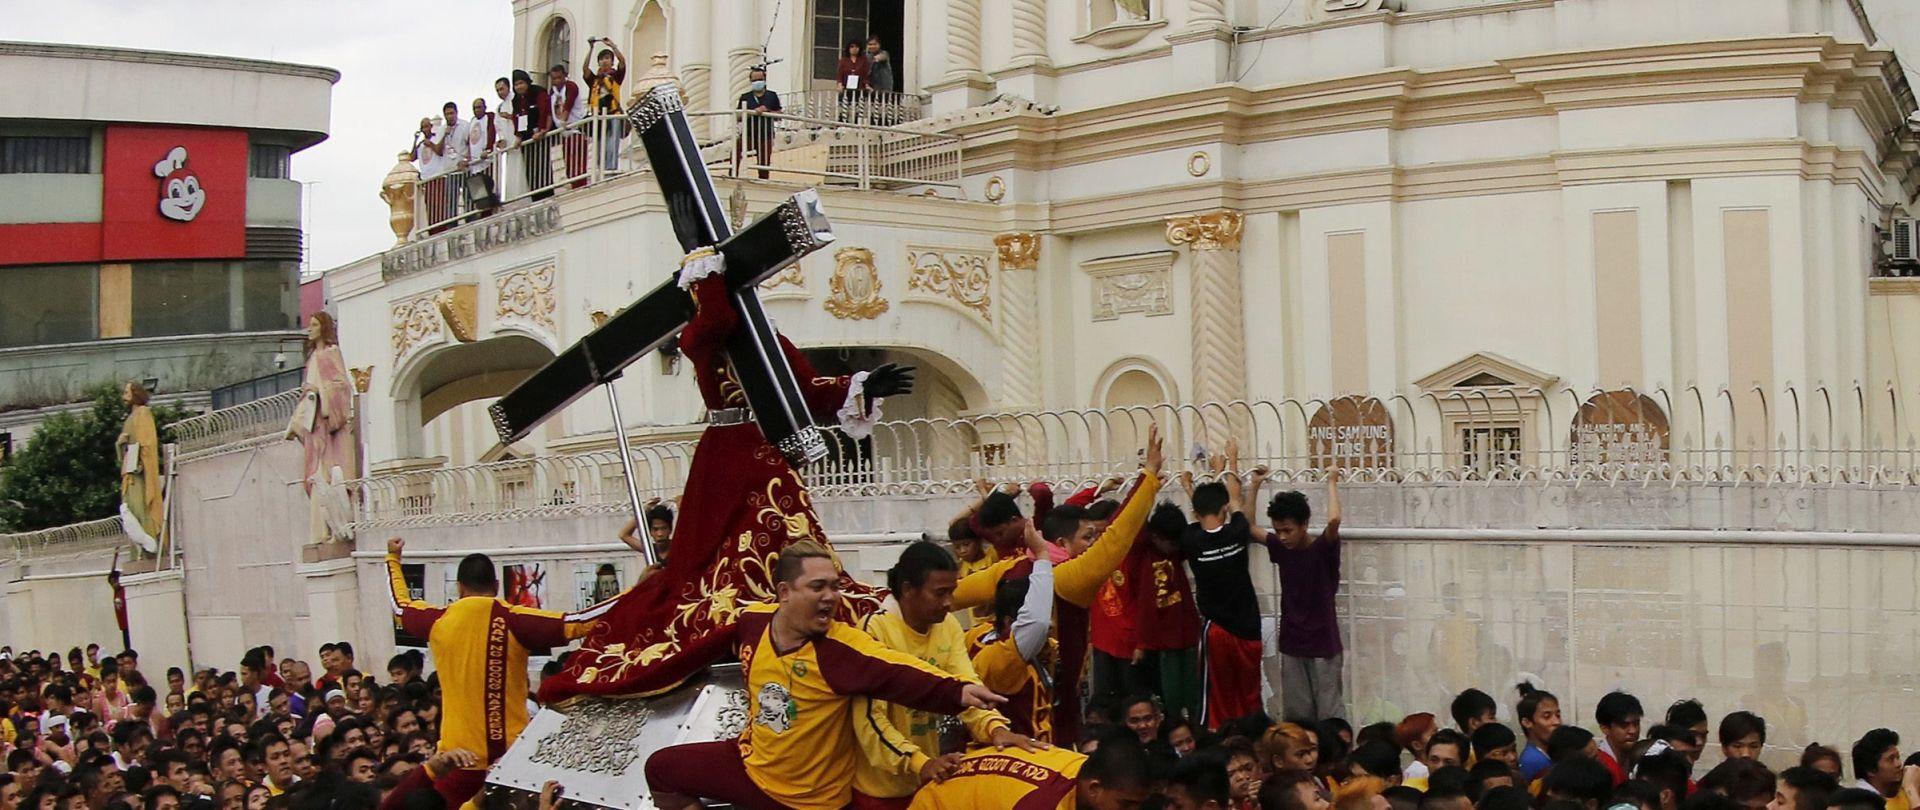 Filipini: u vjerskoj procesiji u čast Crnog Isusa više od milijun ljudi